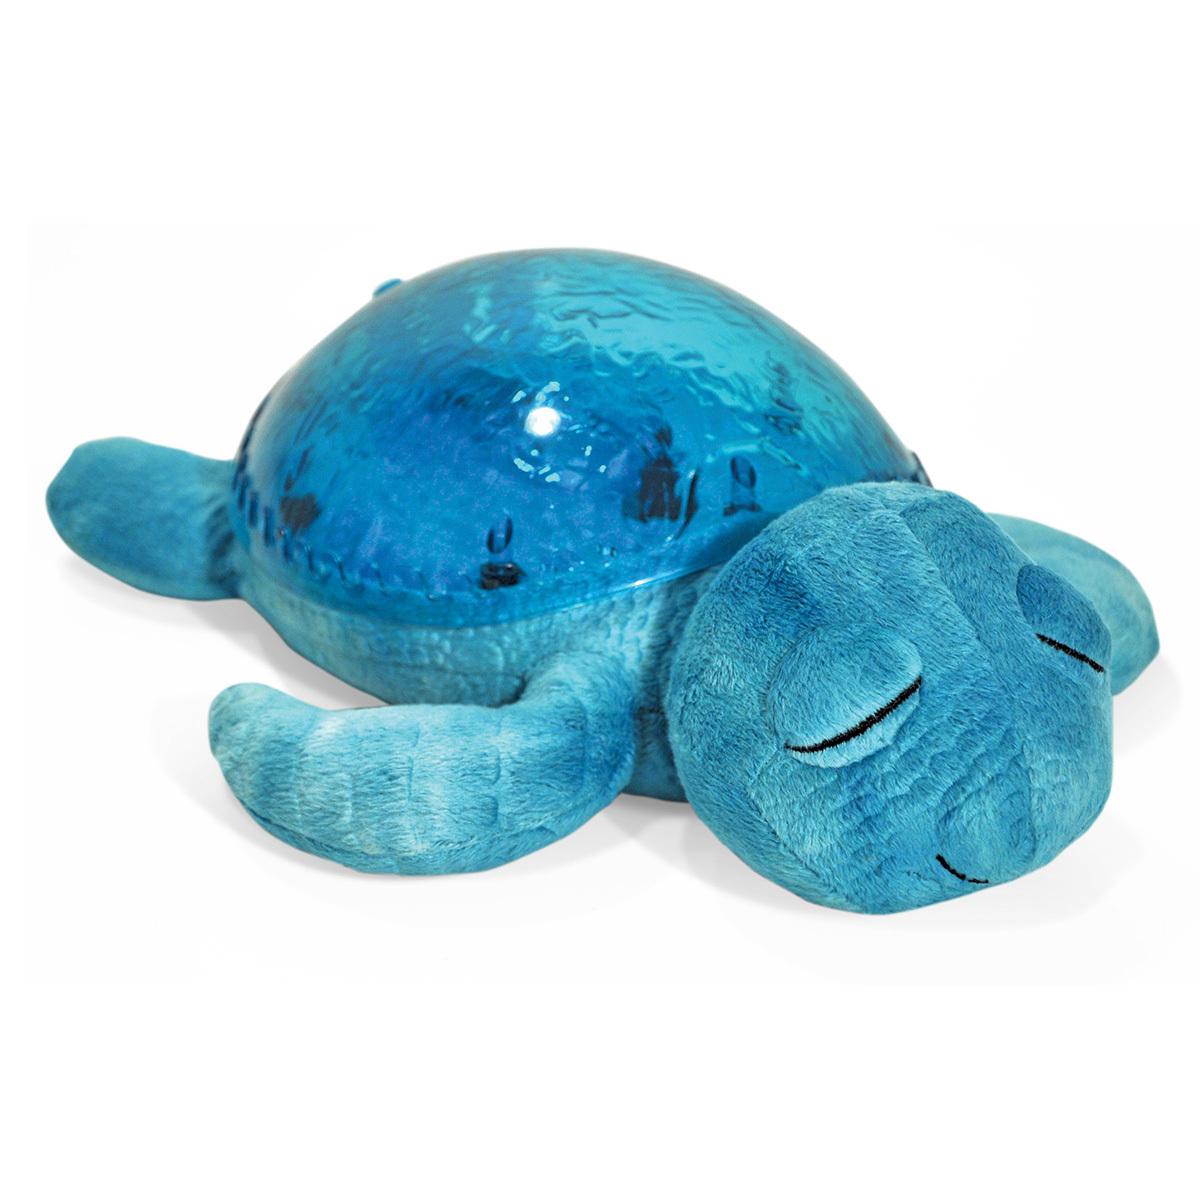 Veilleuse Veilleuse Tranquil Turtle - Aqua Veilleuse Tranquil Turtle - Aqua